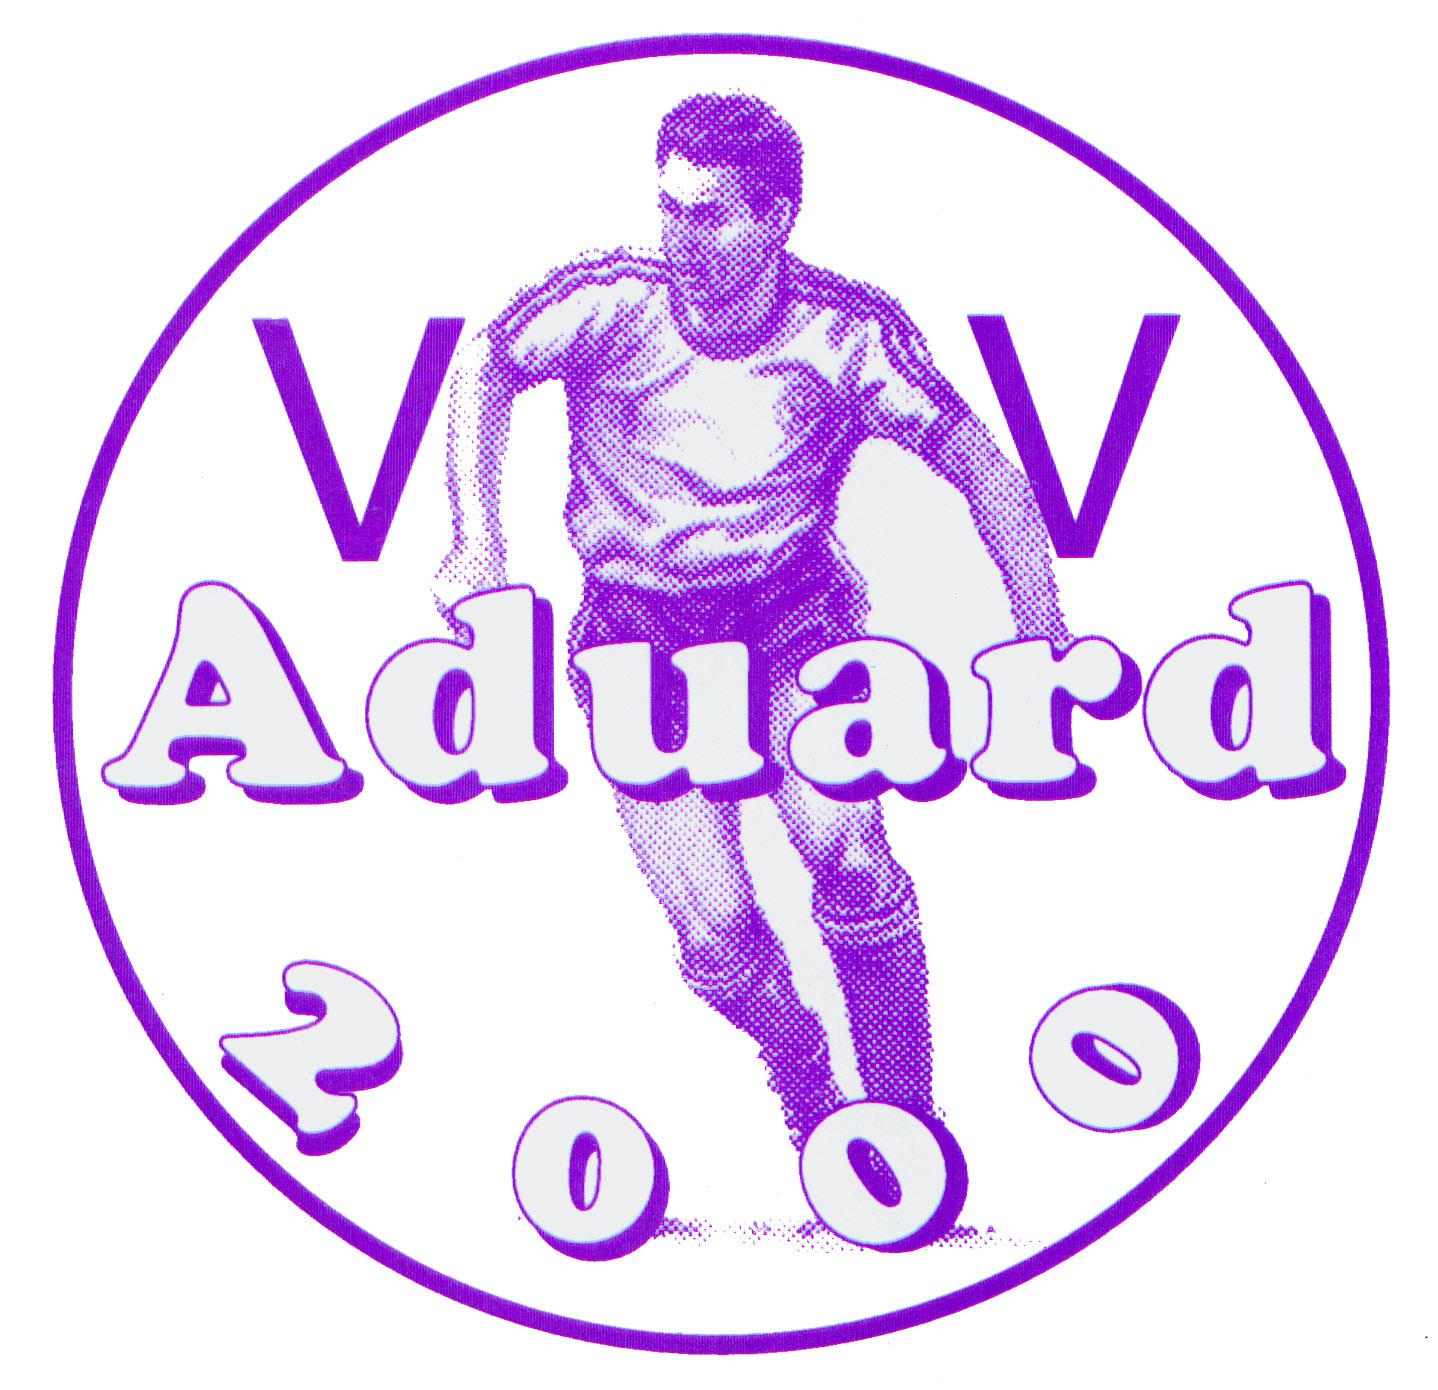 VV Aduard 2000 zoekt voorzitter!